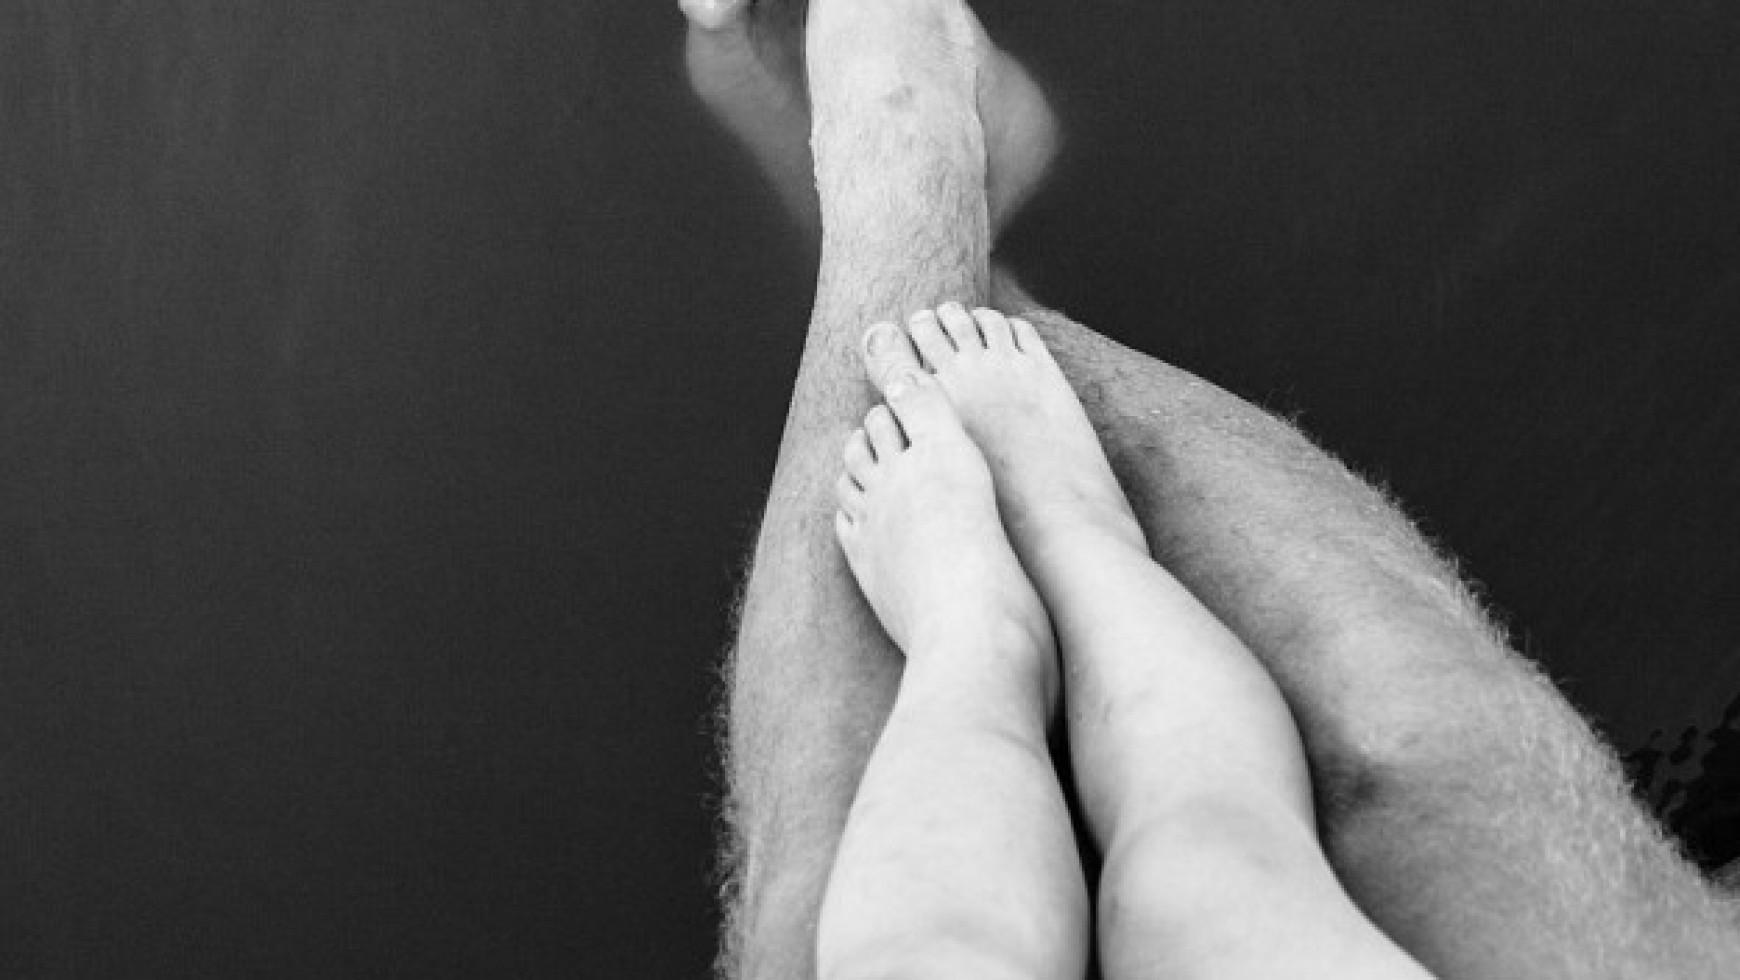 El cuidado de las manos y los pies